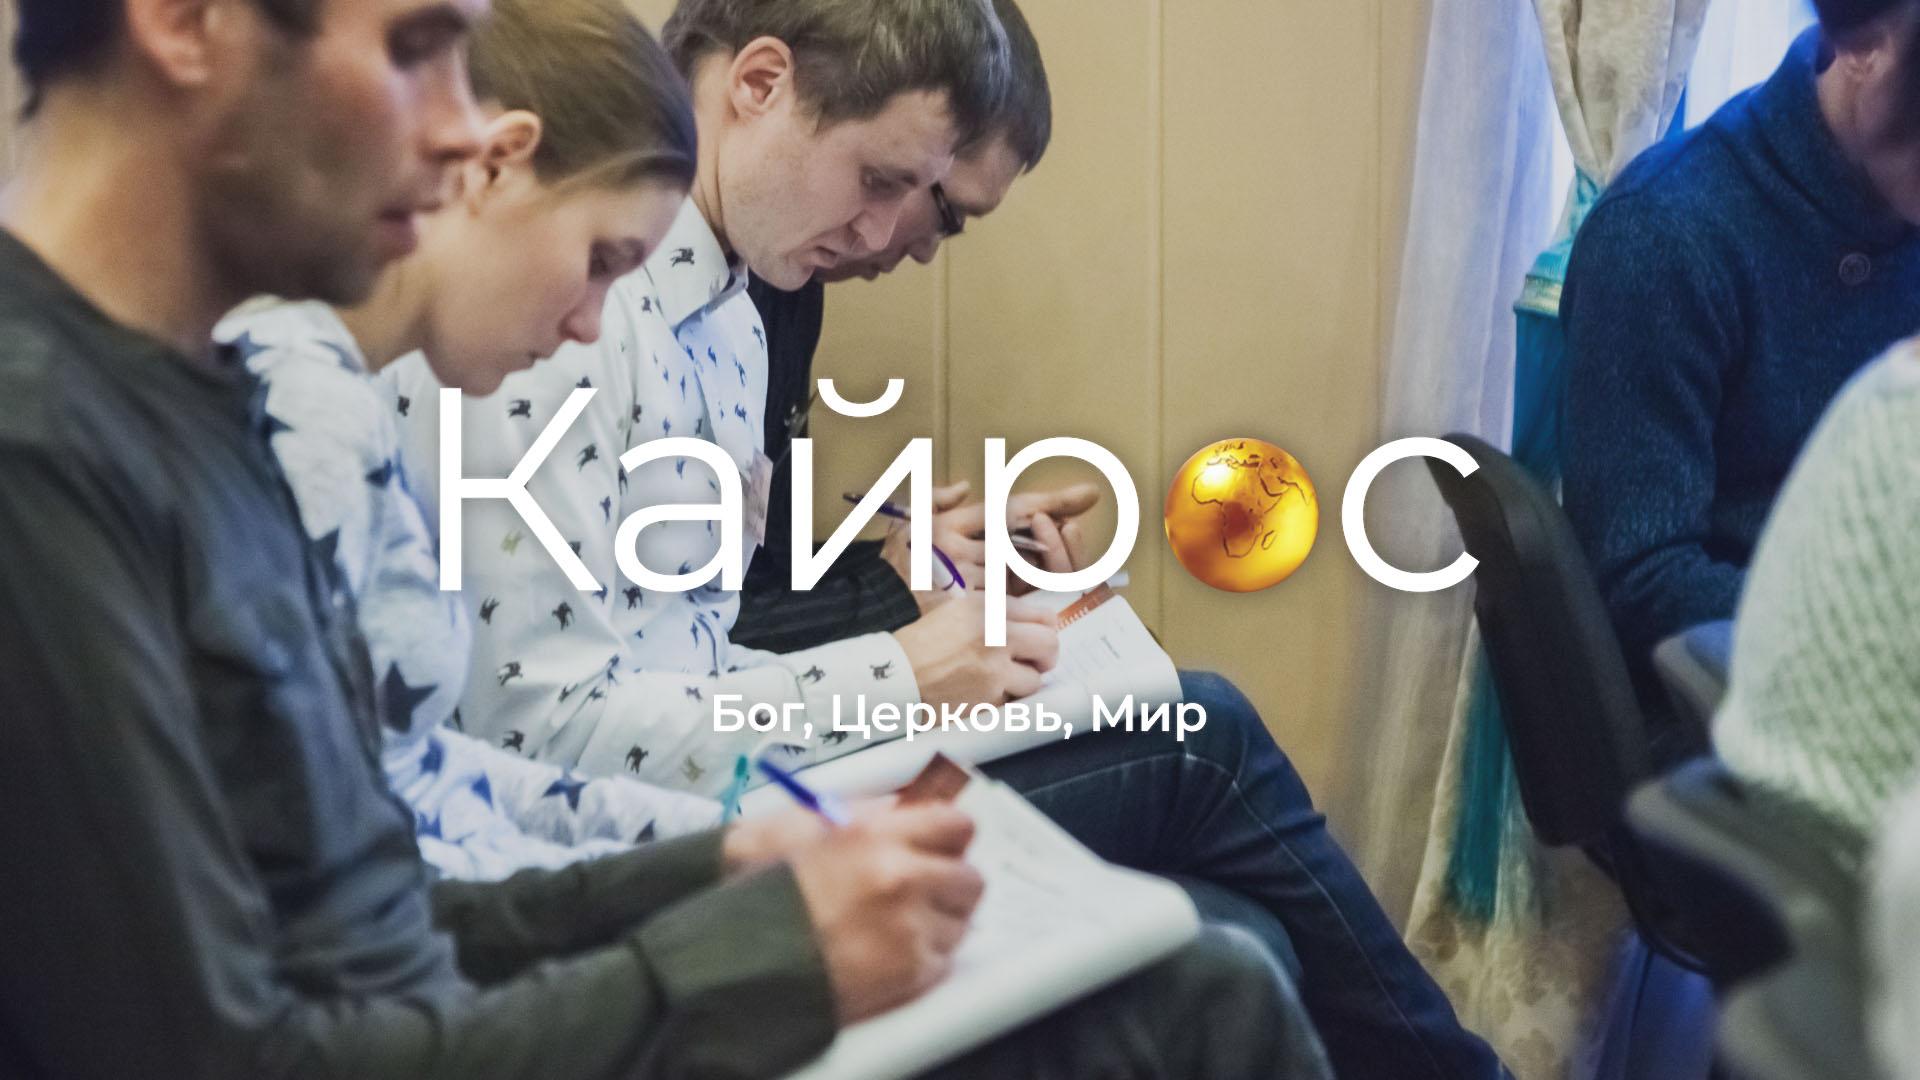 17—21 сентября в Краснокамской церкви «Свет истины» пройдет курс «Кайрос»